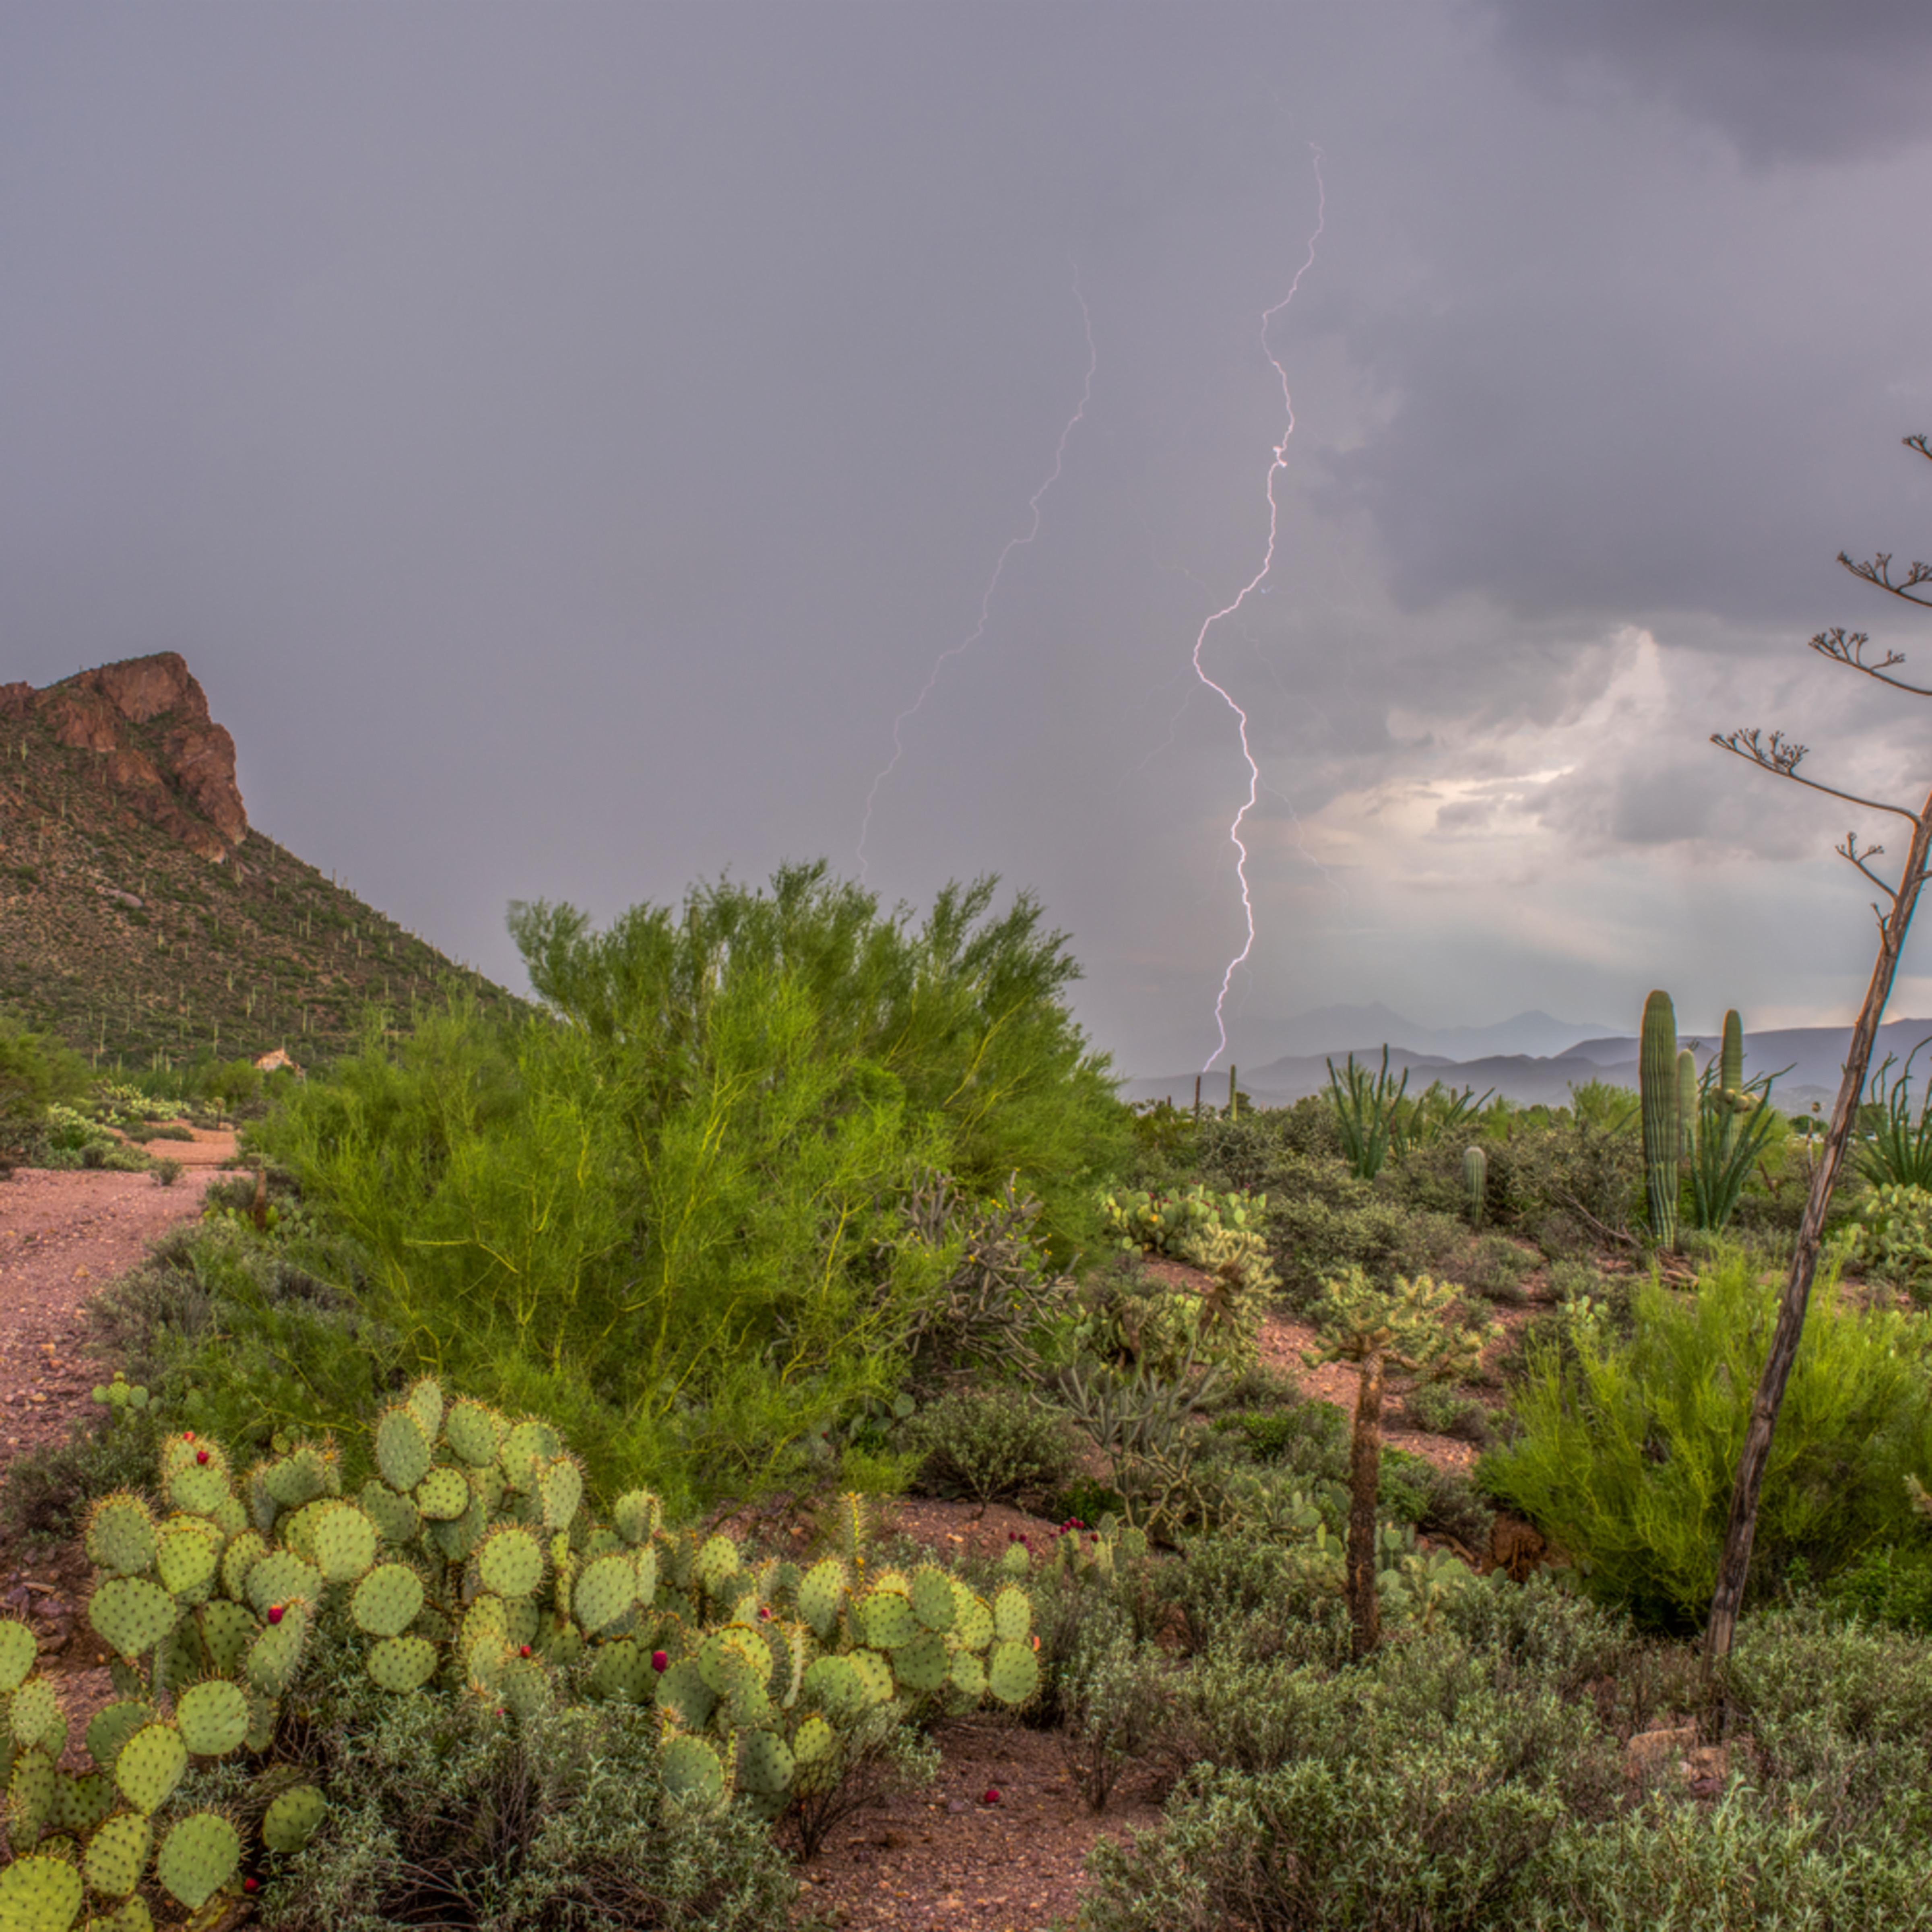 Dp525 little cat mt monsoon lightning c9aykk